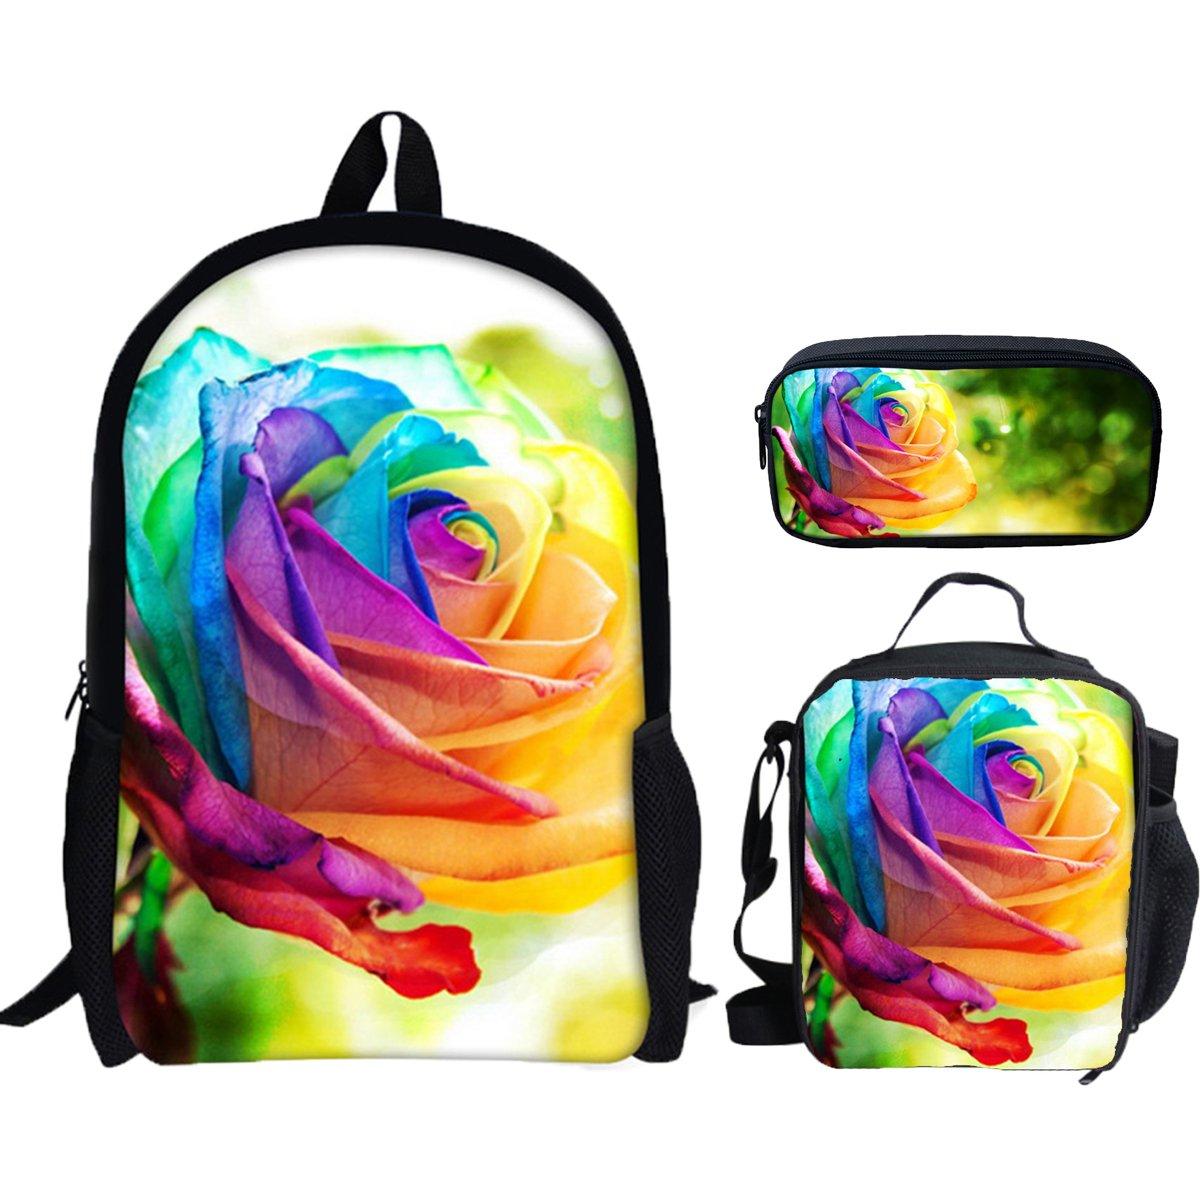 3 Pieces Girls Flowers Rose Printing School Backpacks for Teens Bookbags Set